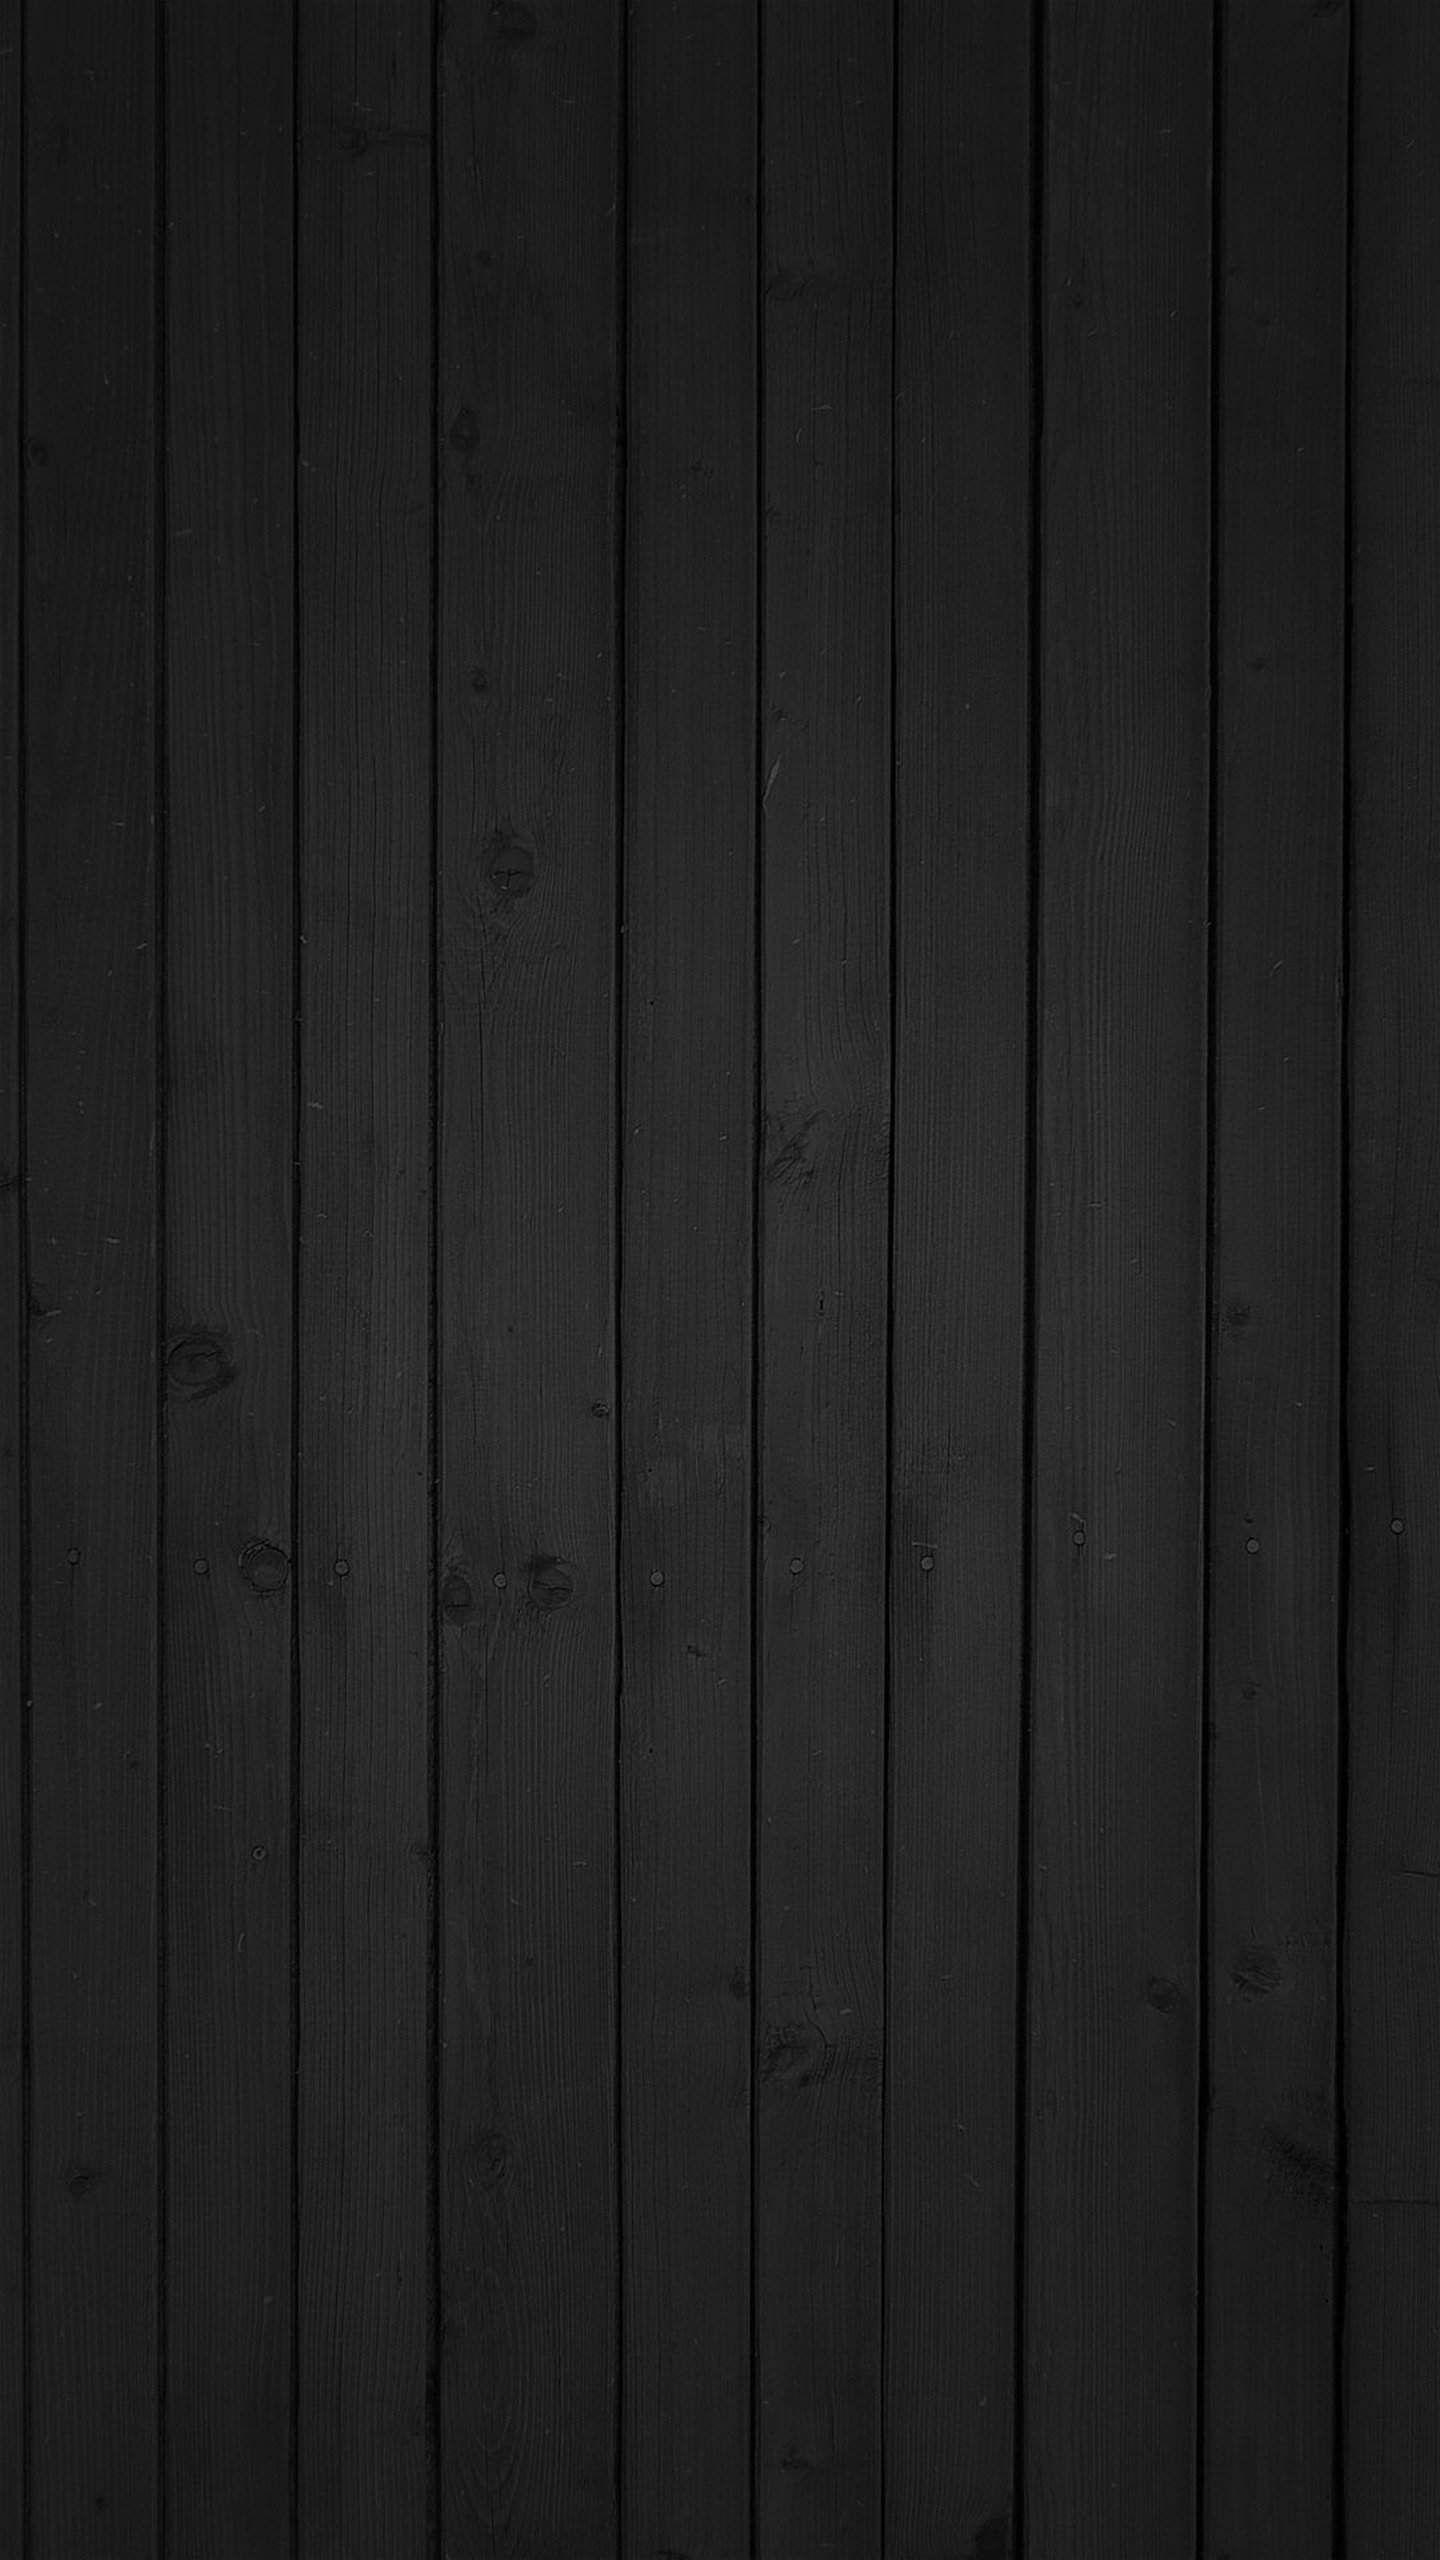 Wallpaper Lg G4 37 Jpg 1 440 2 560 Piksel Seni Dinding Buatan Sendiri Kertas Dinding Dinding Gambar